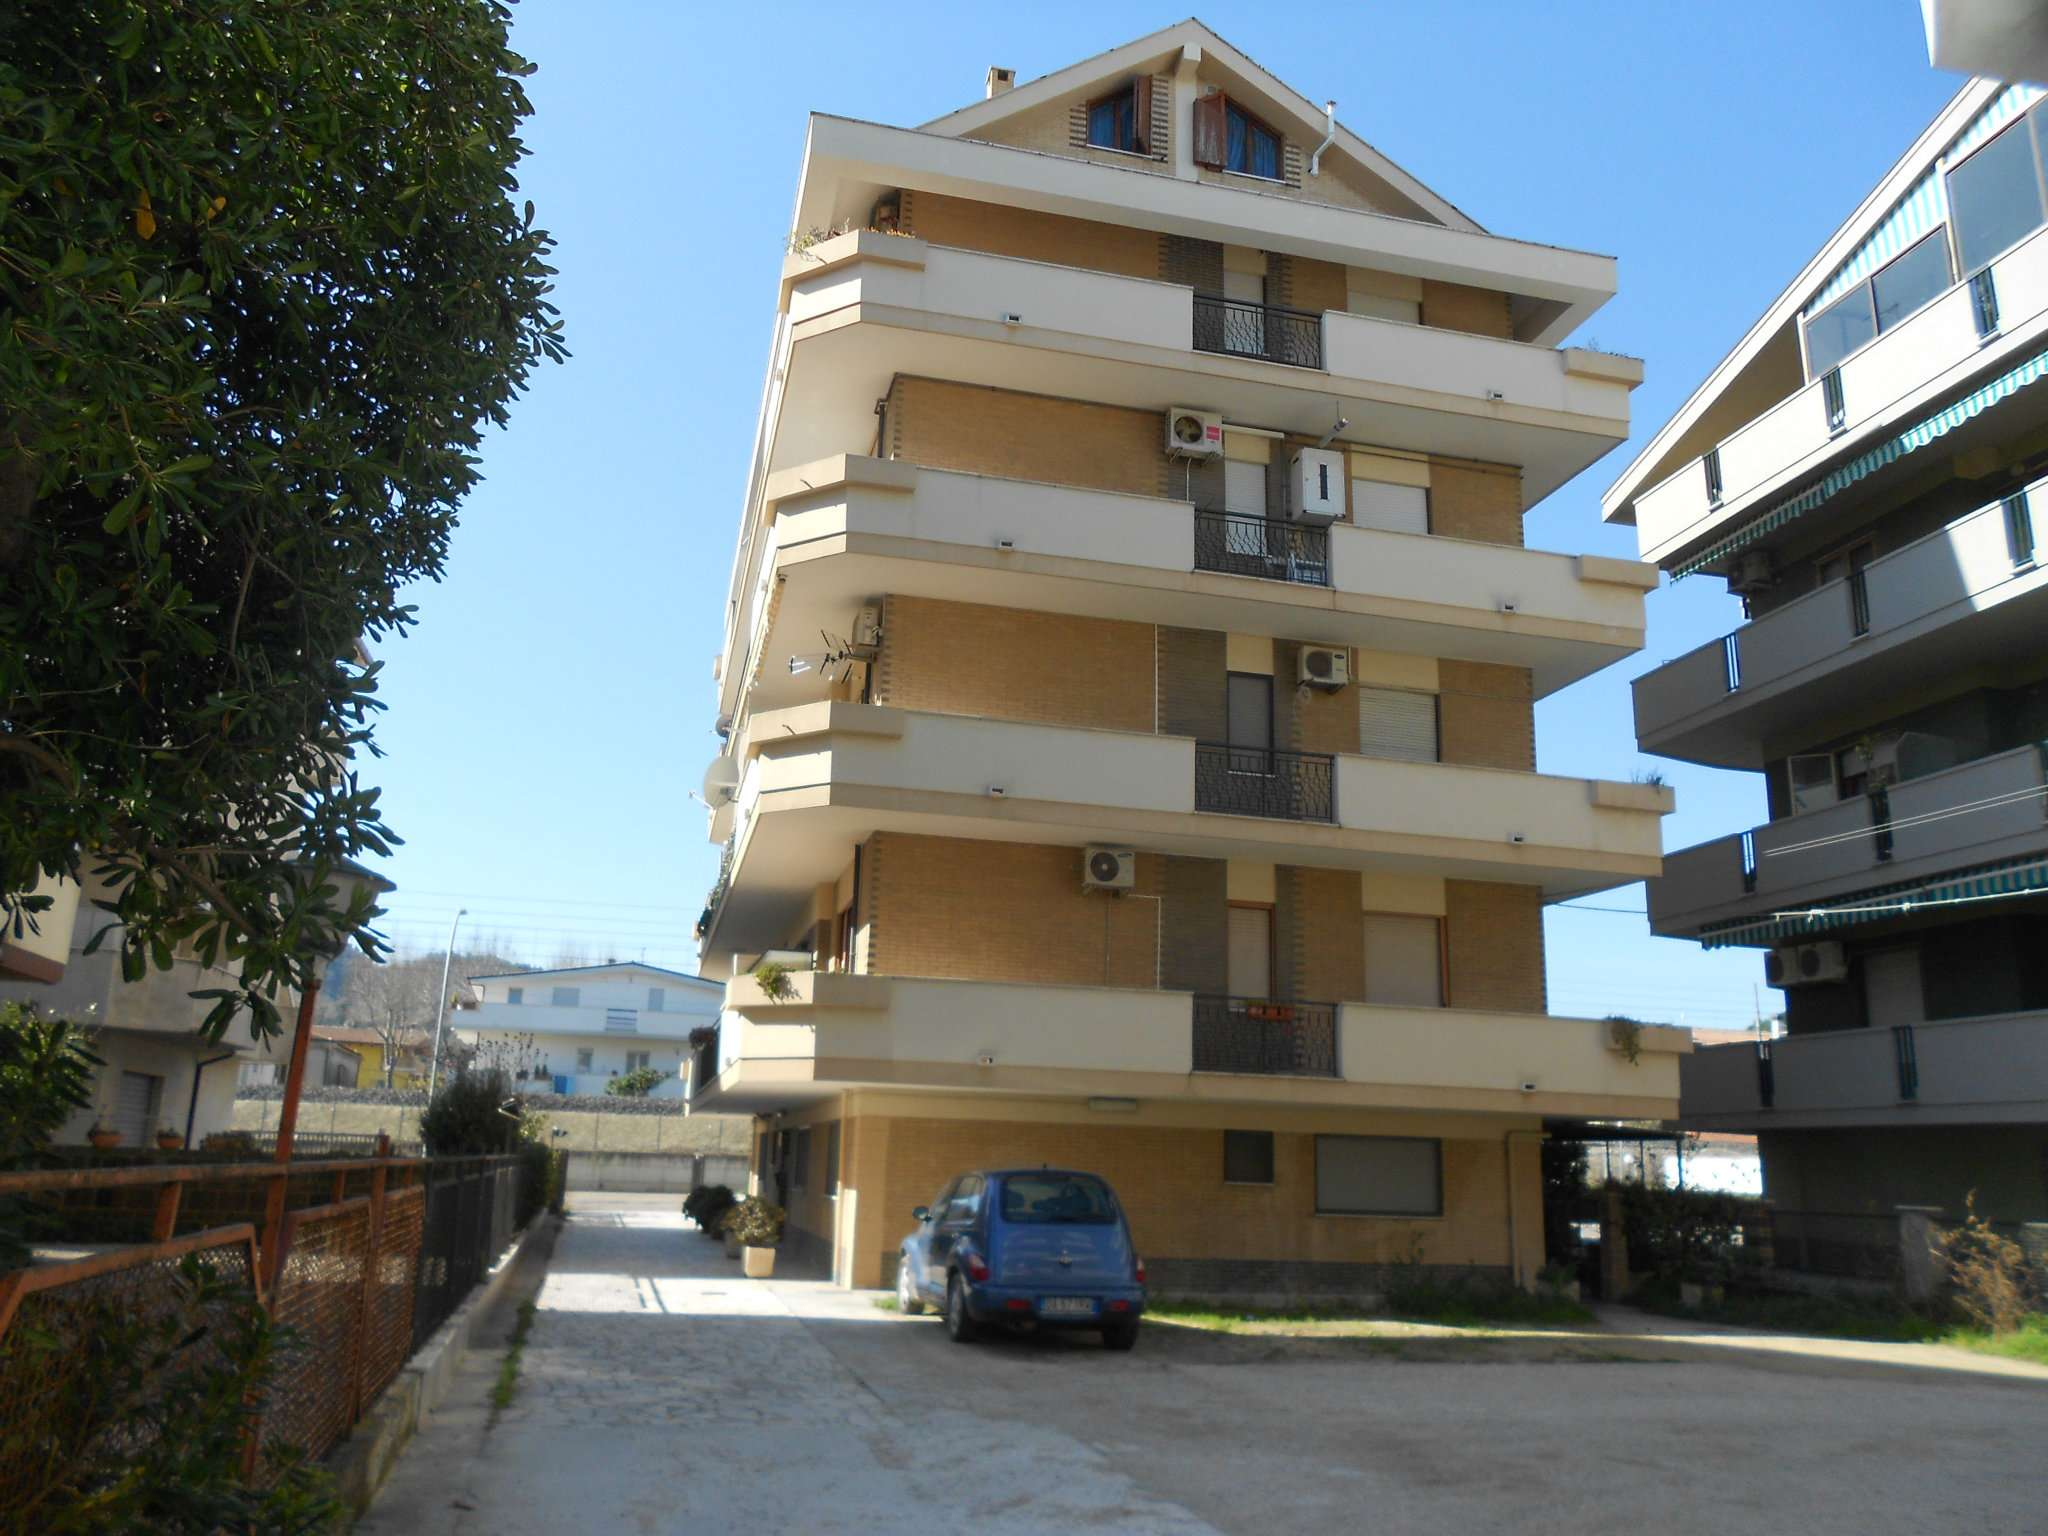 Ottimo appartamento per luglio e Agosto a Francavilla al Mare Rif.11113472